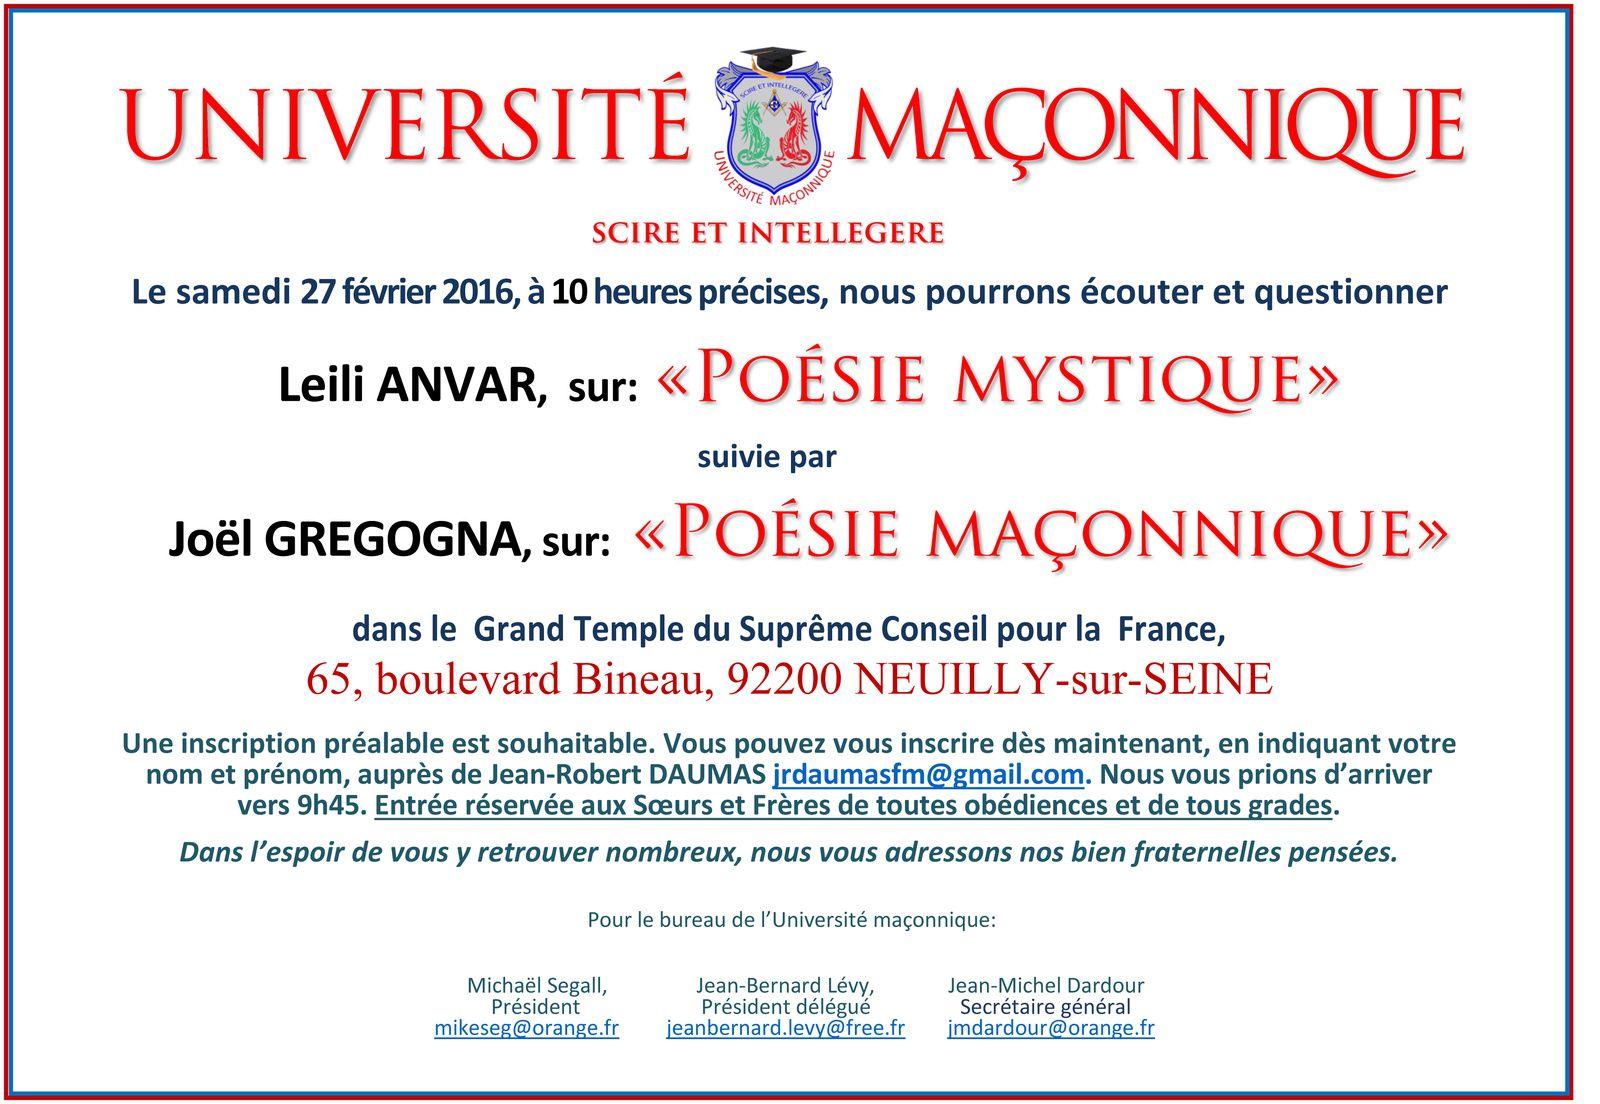 Poésie mystique et maçonnique avec Leili Anvar &amp&#x3B; Joël Grégogna à l'Université Maçonnique le 27 février 2016.